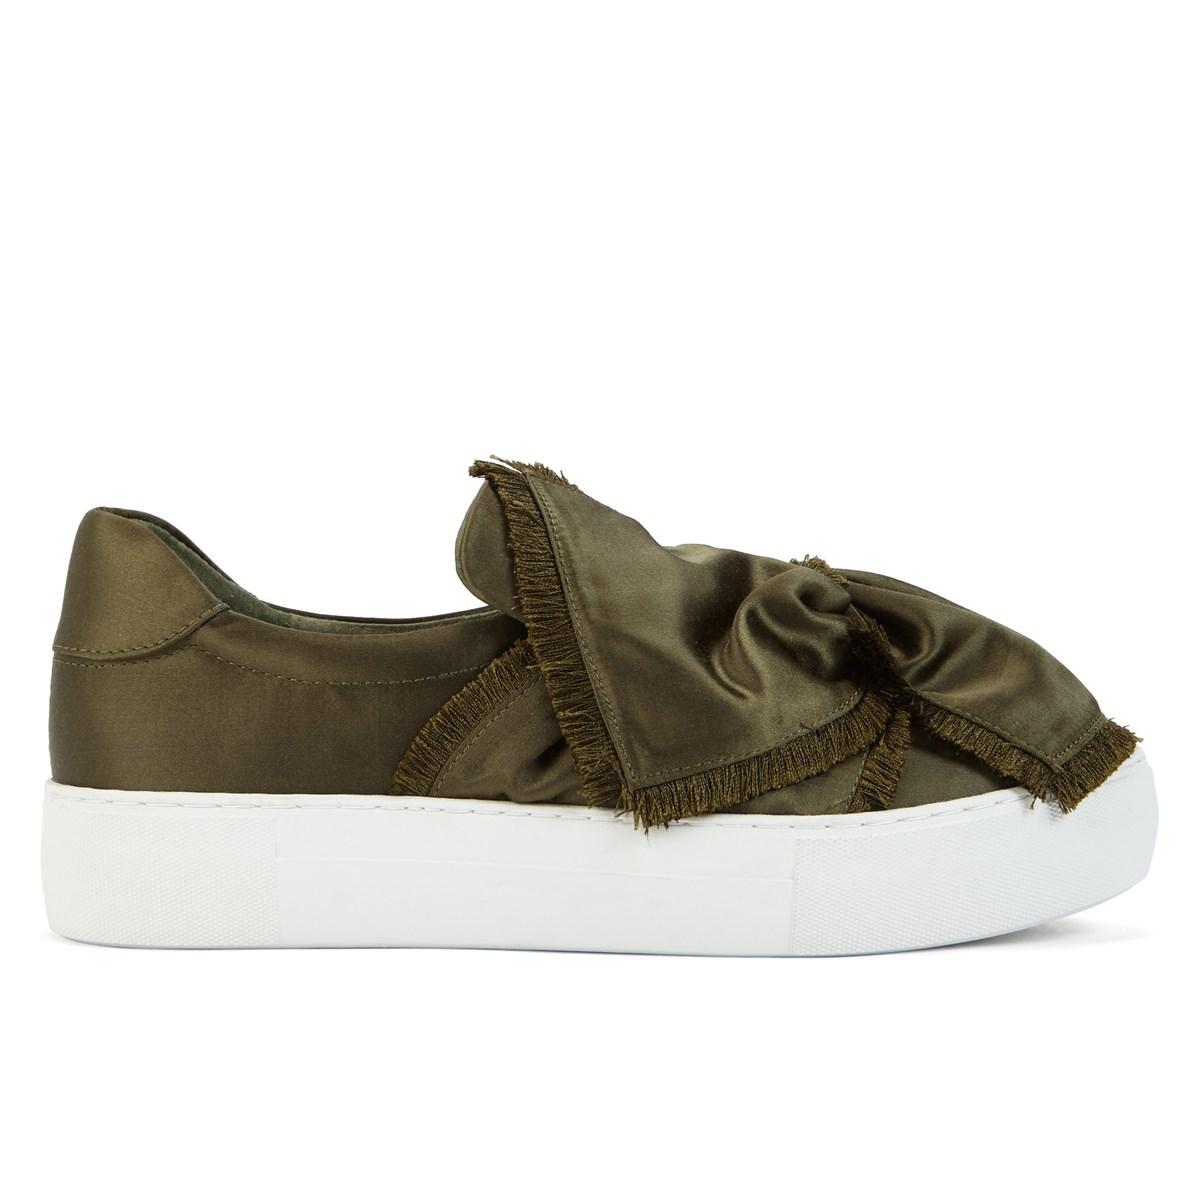 Women's Azurra Khaki Satin Sneaker